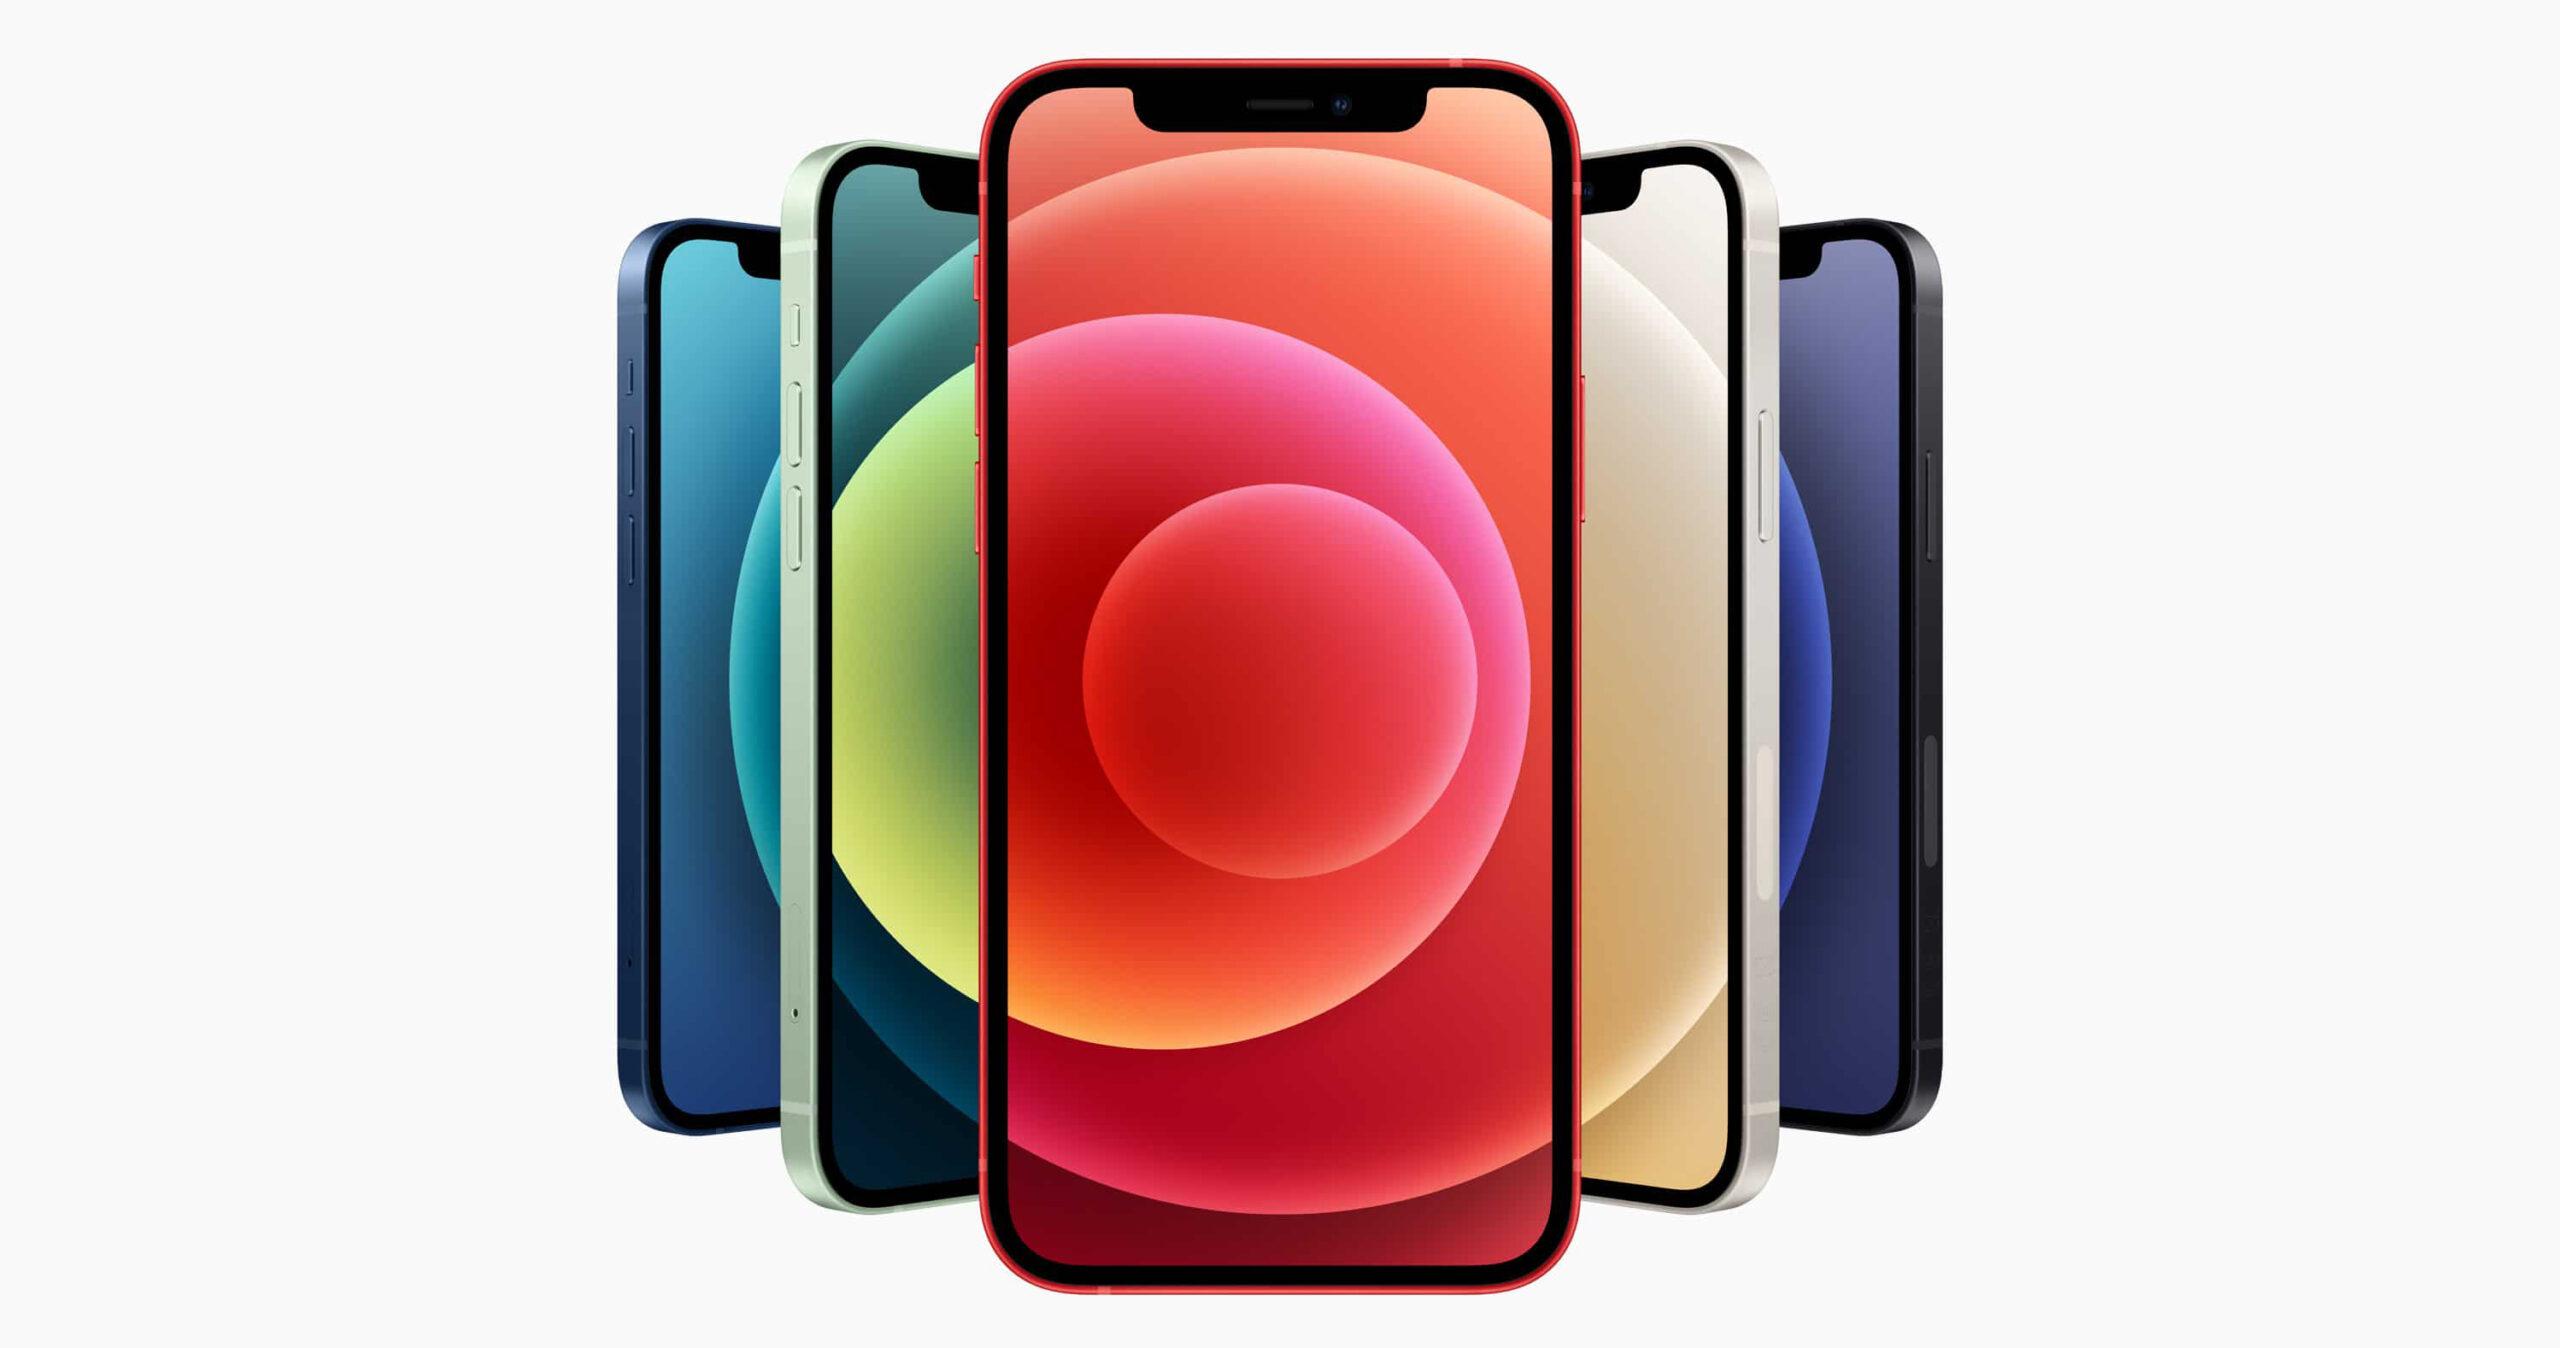 Sforum - Trang thông tin công nghệ mới nhất hinh-nen-iPhone-12-face-scaled Mời tải trọn bộ hình nền đầy màu sắc của loạt iPhone 12 mới ra mắt